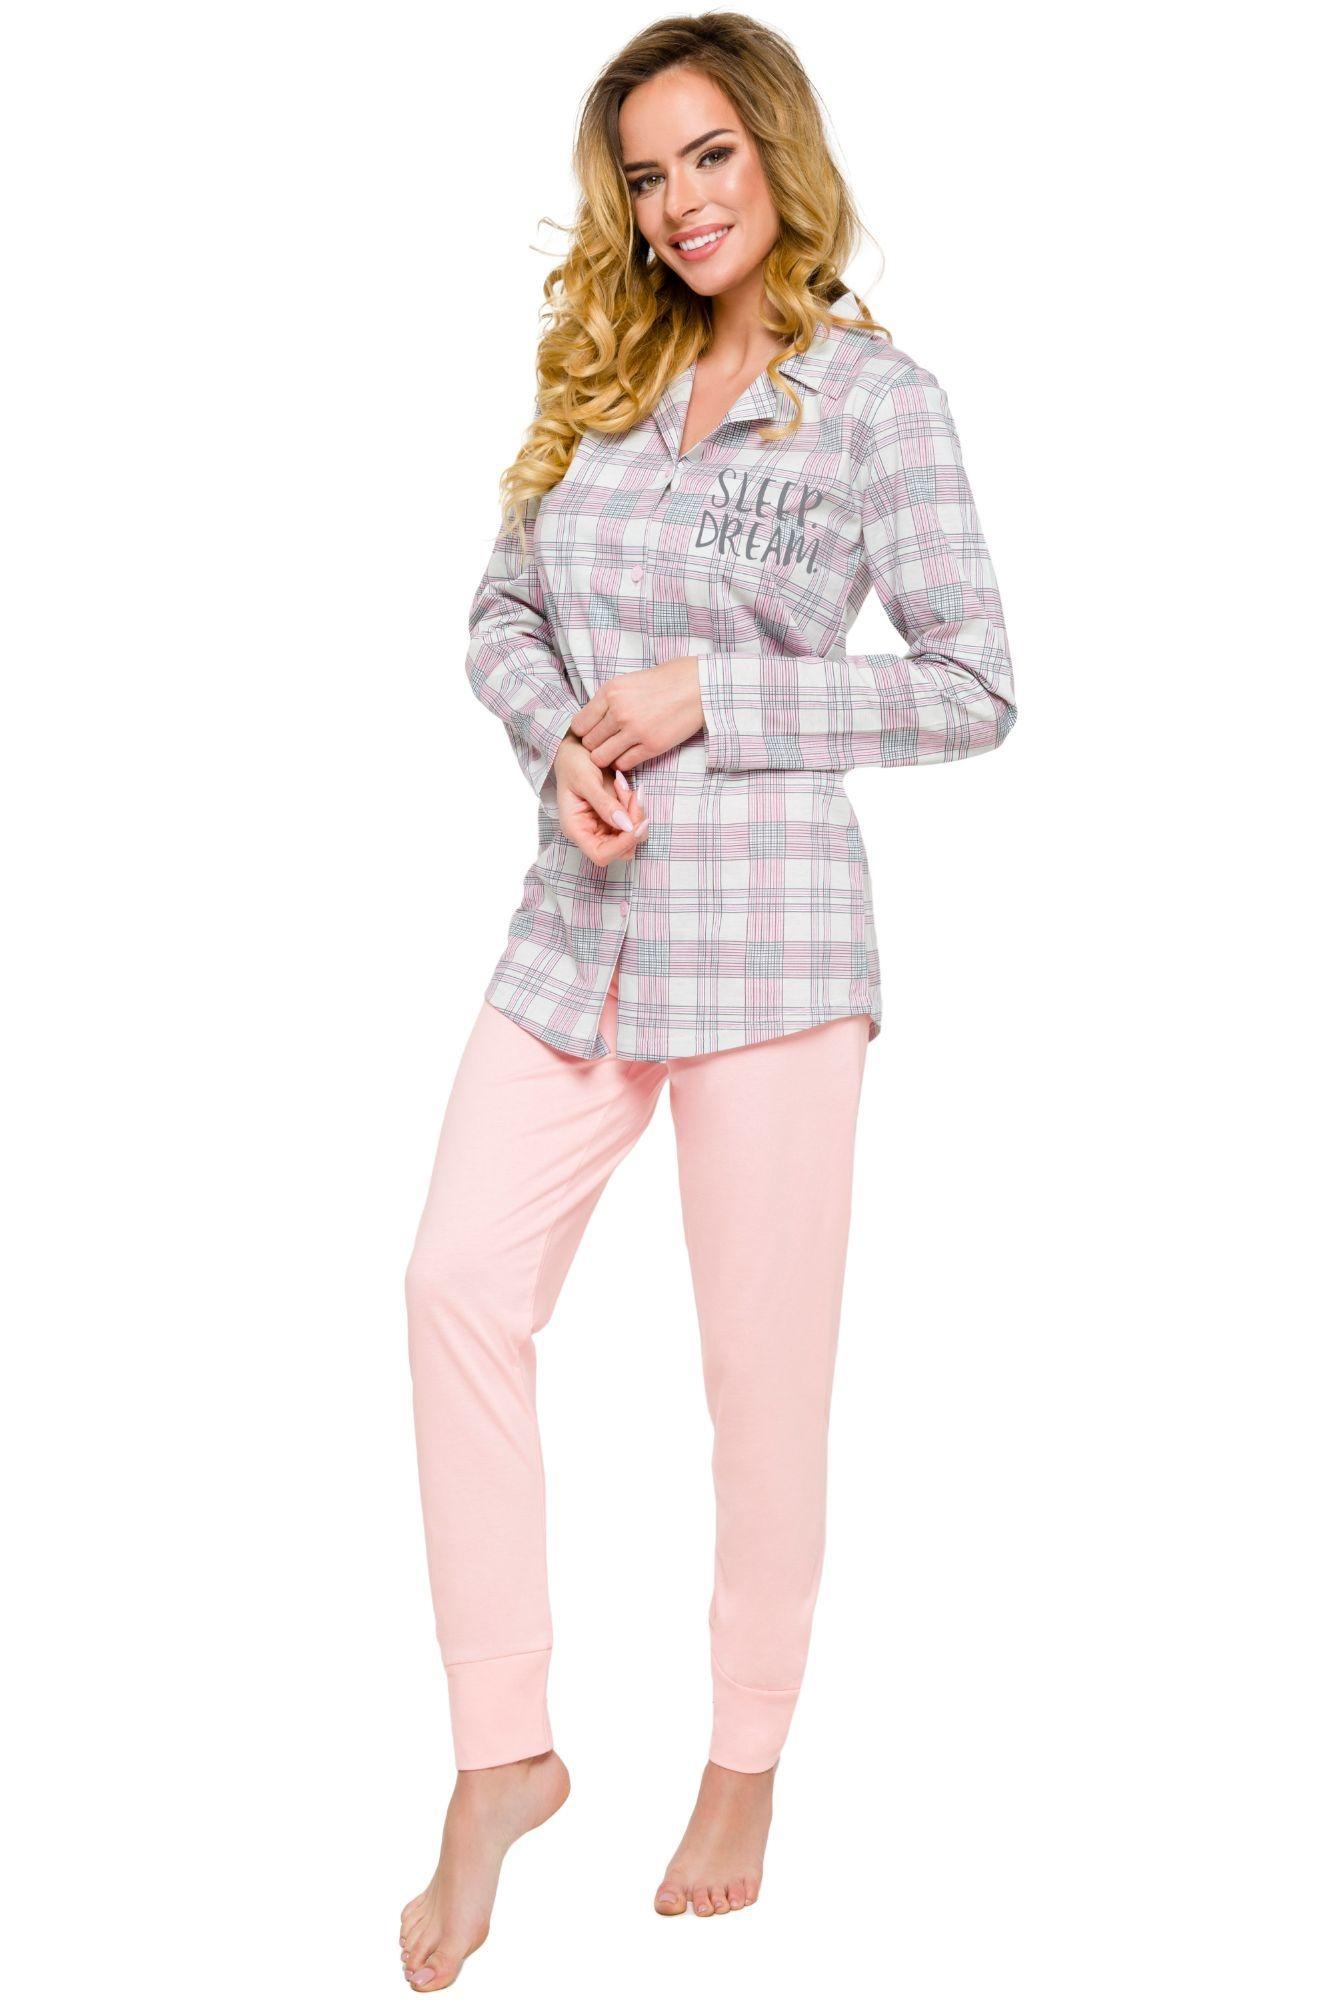 352eece81148 Bavlněné dámské pyžamo Dalia béžové káro s dlouhými rukávy